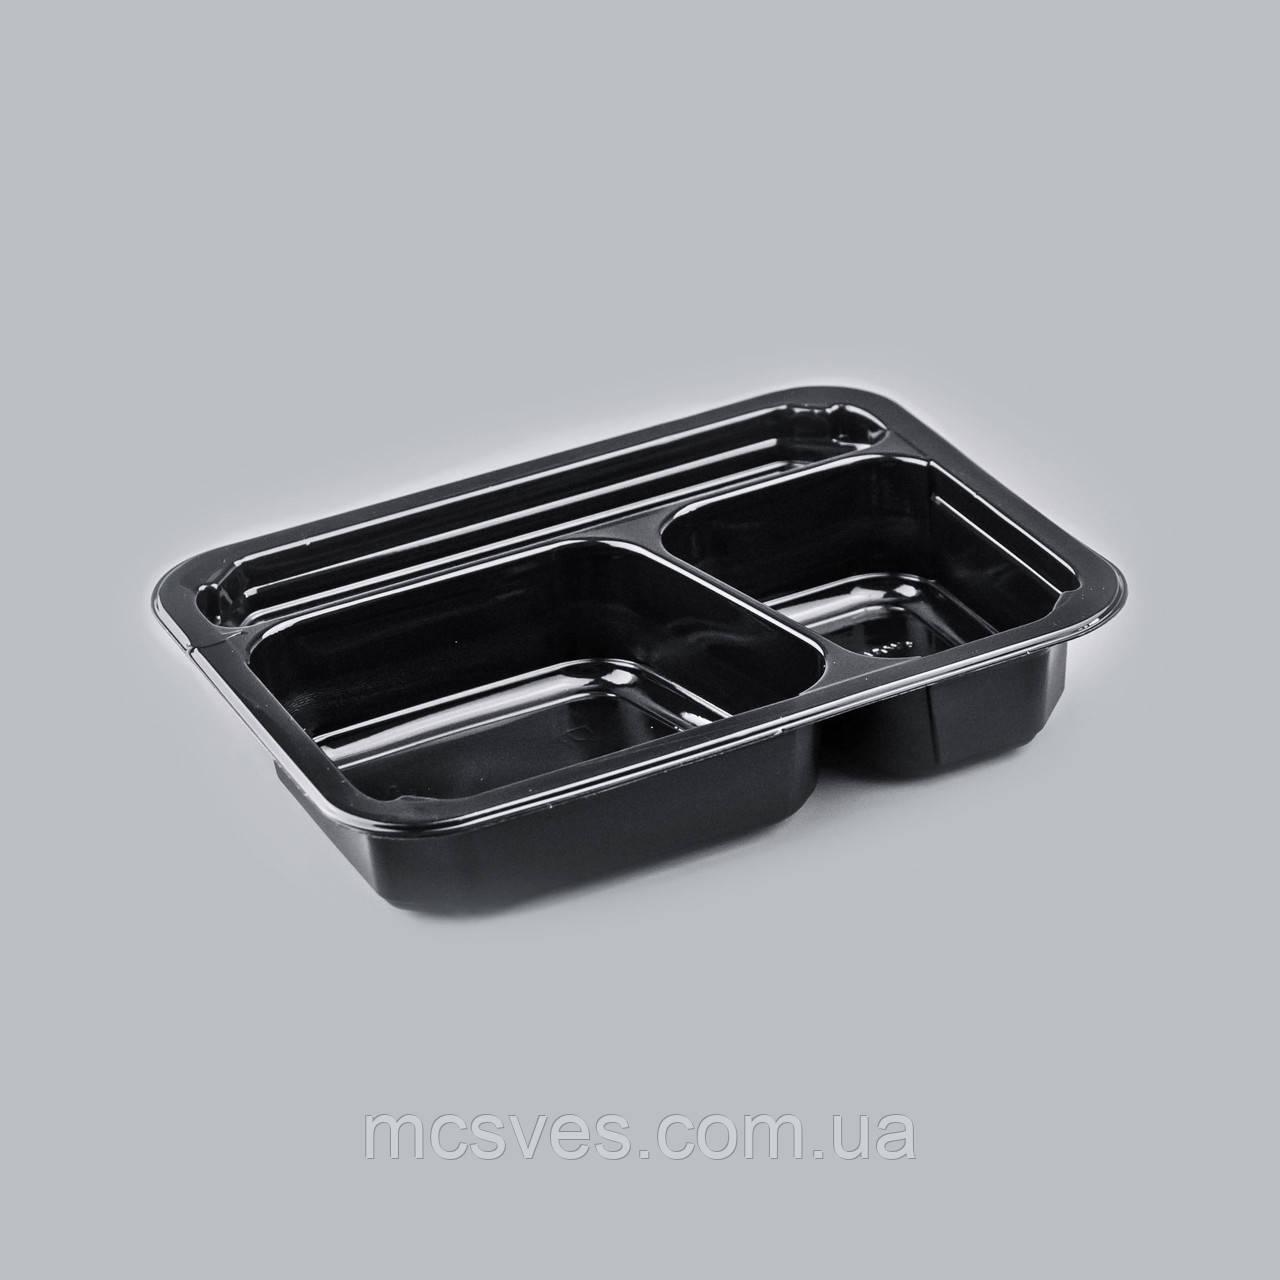 Контейнер УК-614-01, PР, чорный,  330 шт/уп